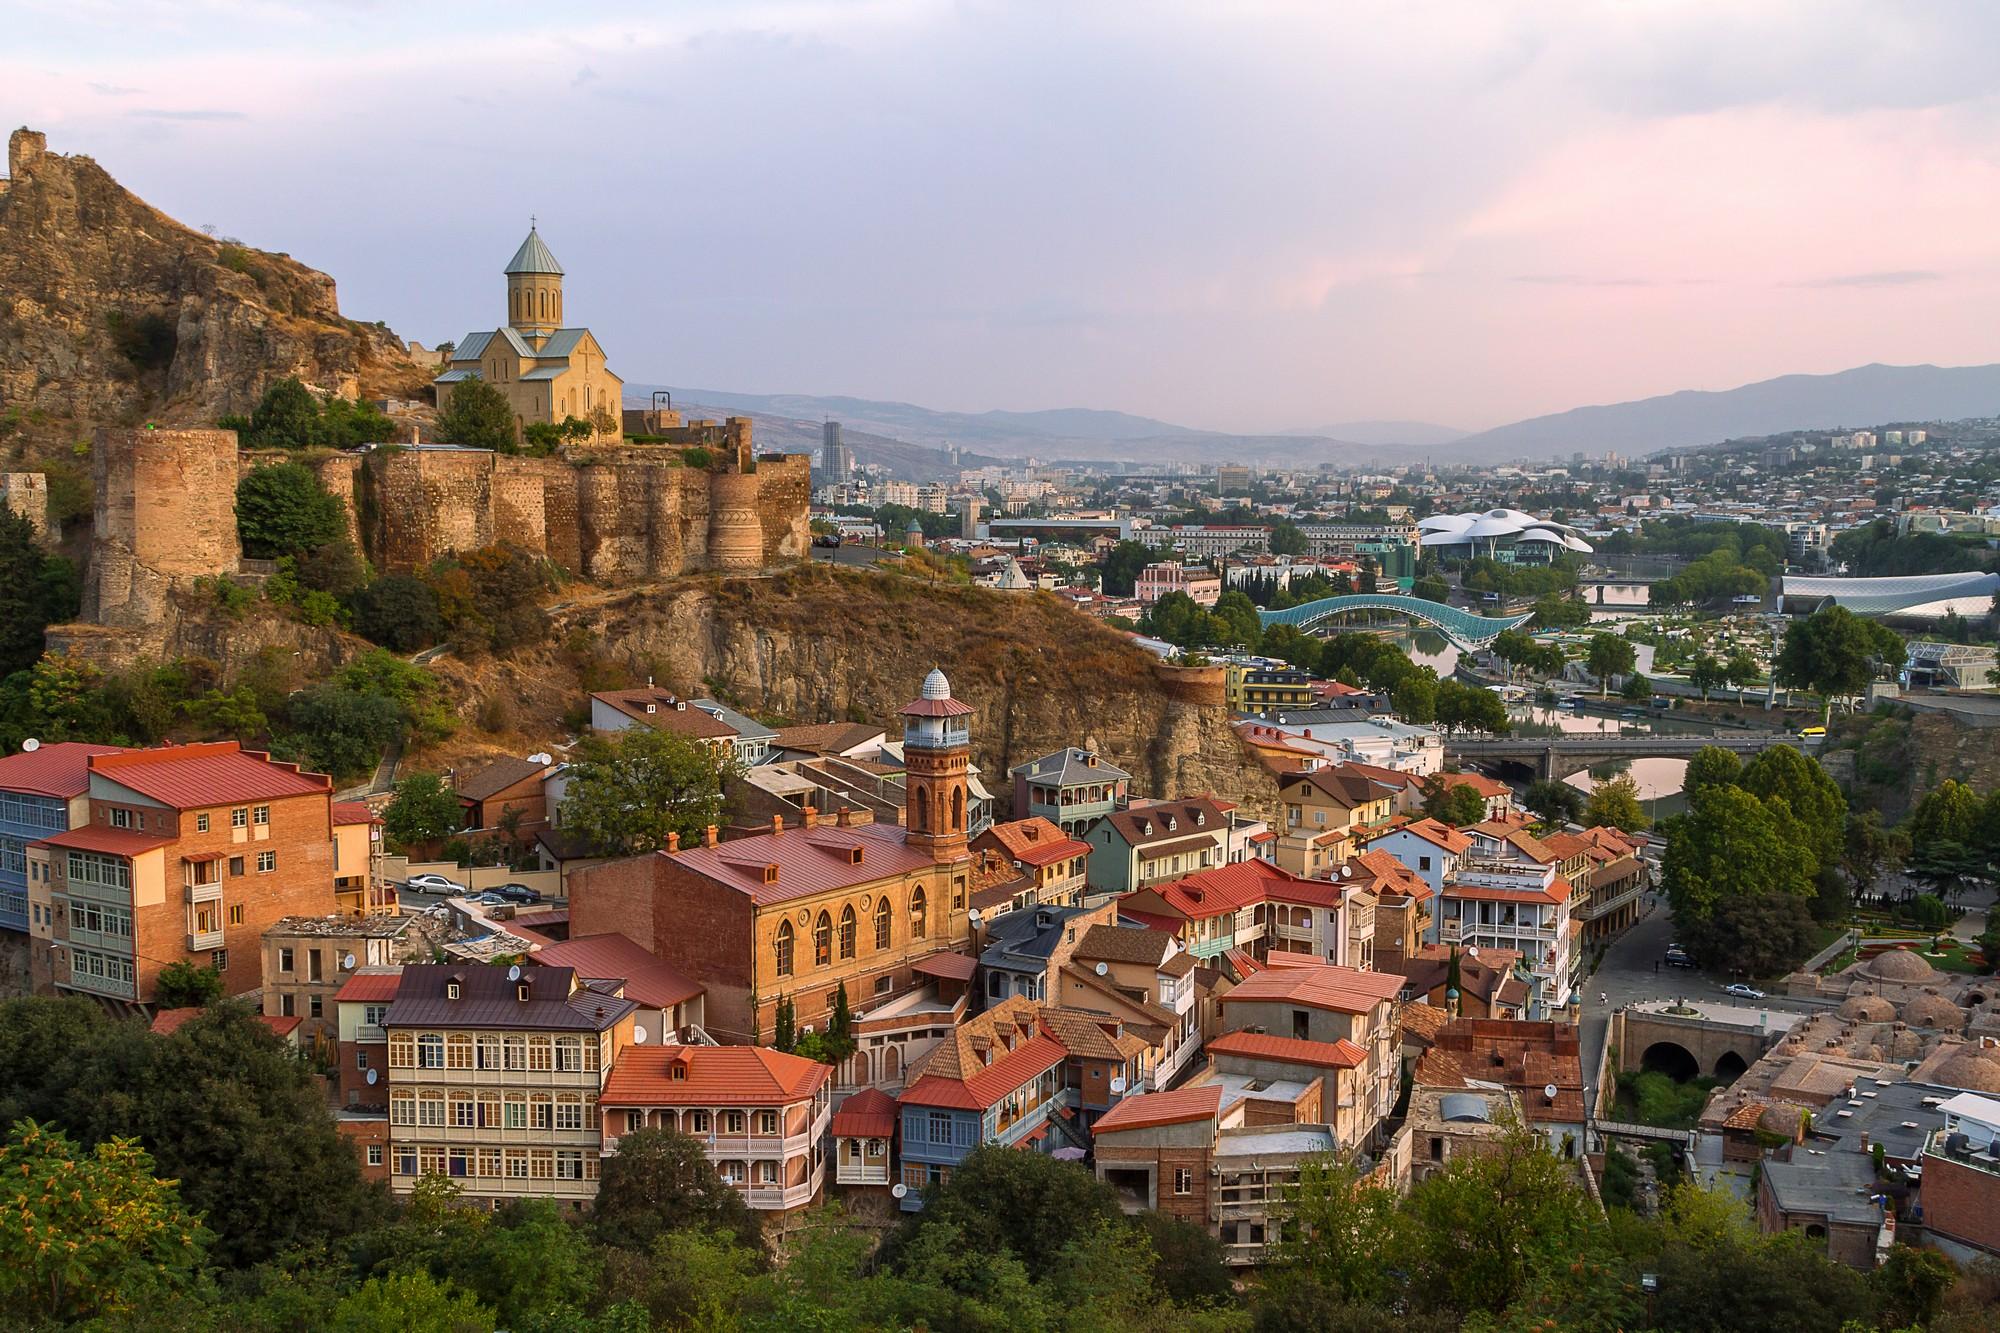 Vista di Tblisi, capitale della Georgia